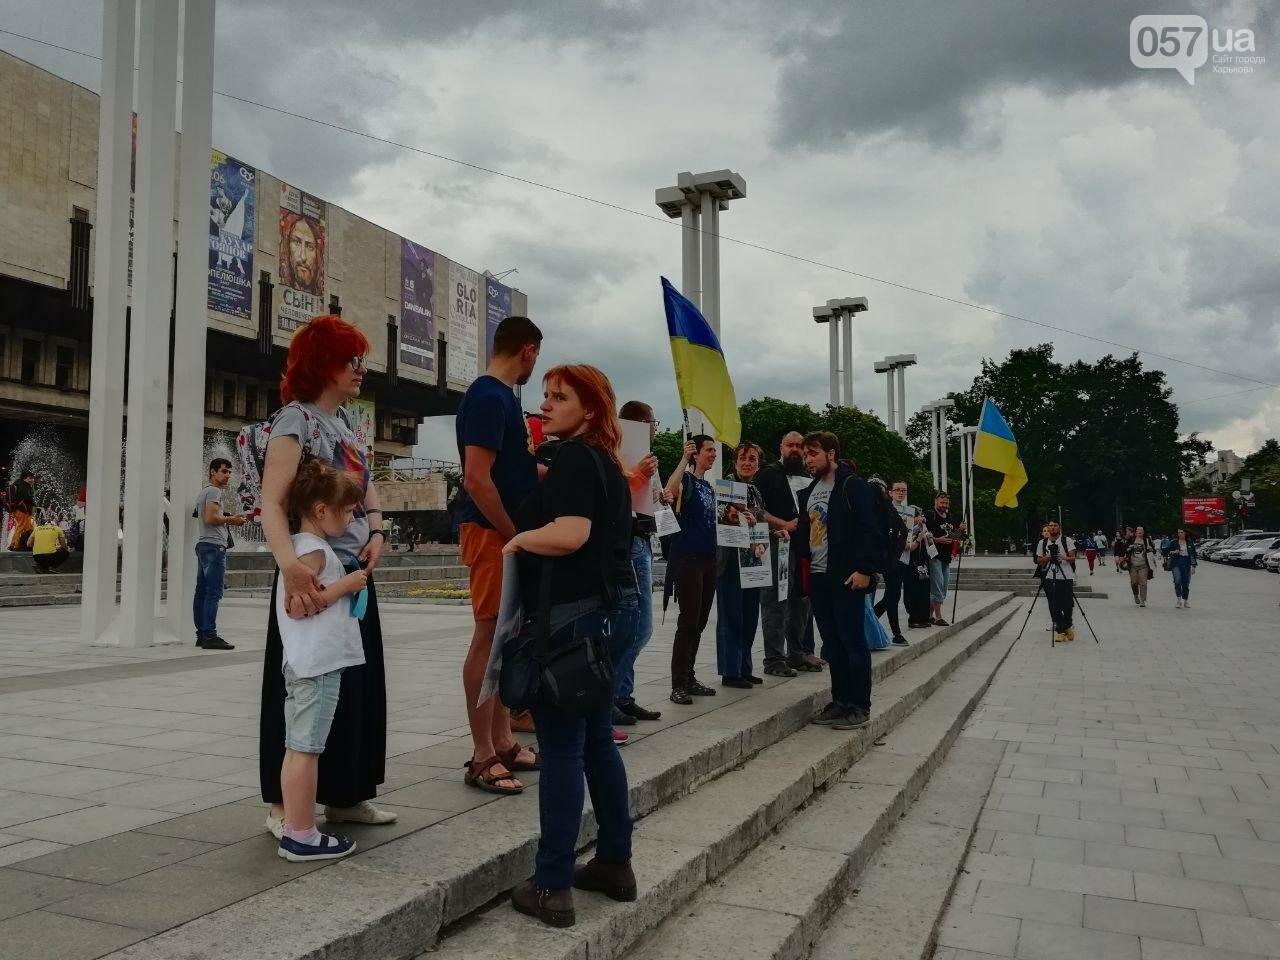 «Верните их в родную гавань»: в Харькове прошла акция в поддержку пленных украинских моряков, - ФОТО, фото-6